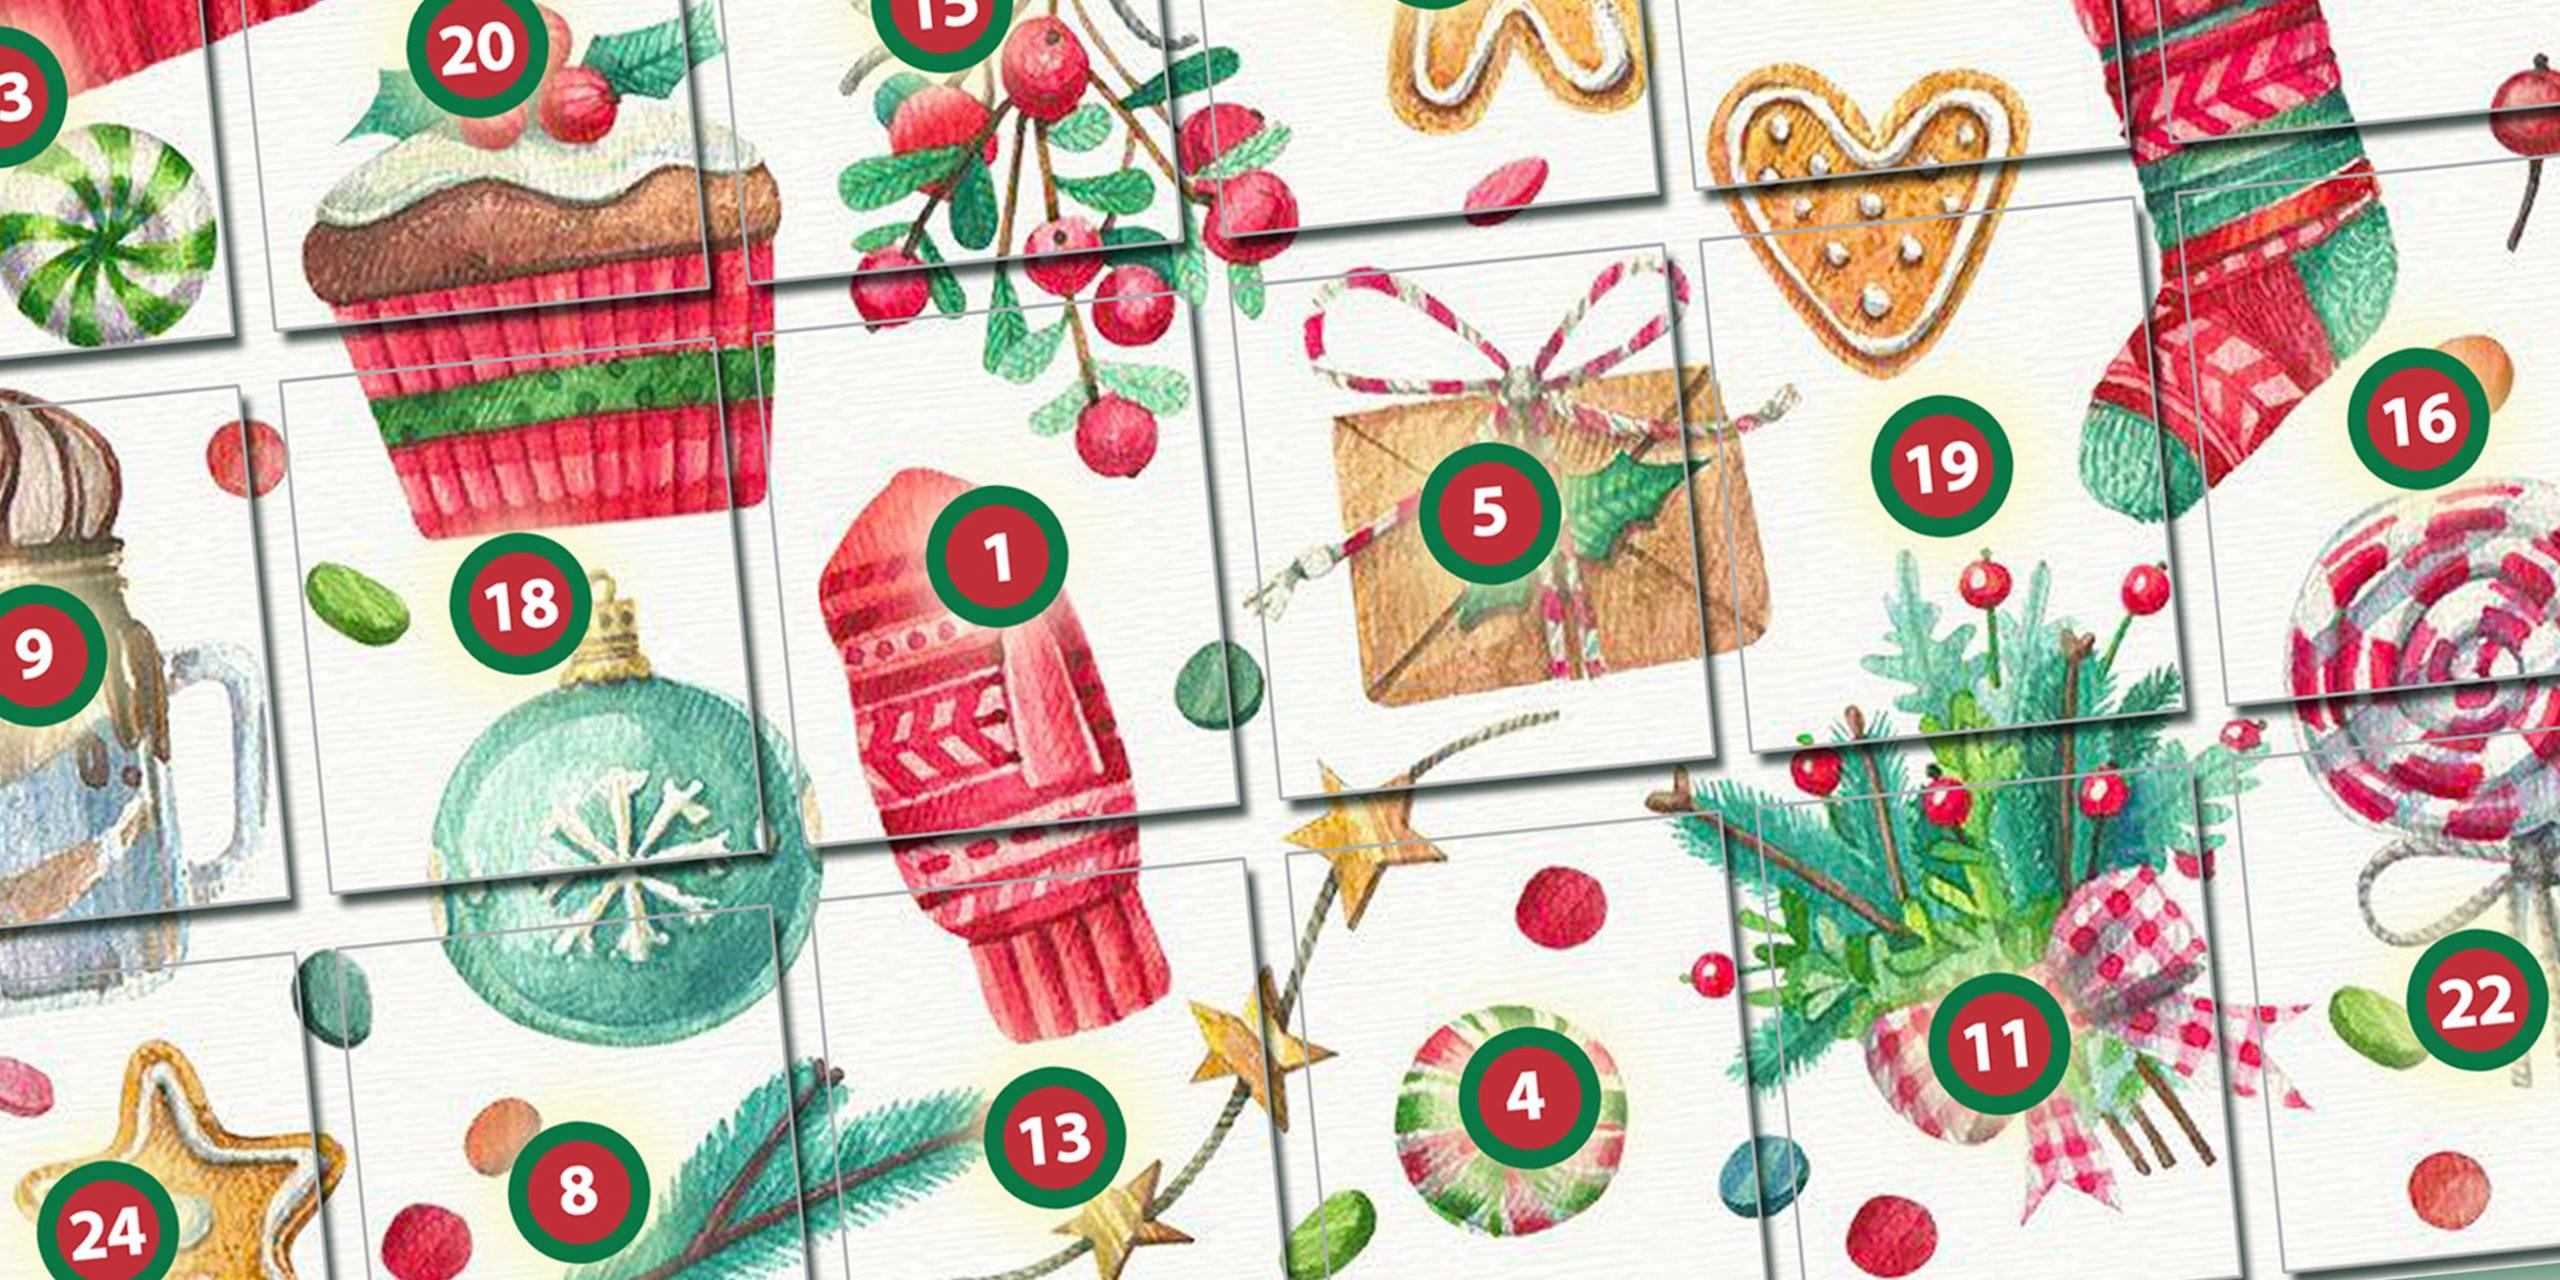 adventný kalendár hotel tenis vianočné darčeky poukazy balíčky poukážky city resort